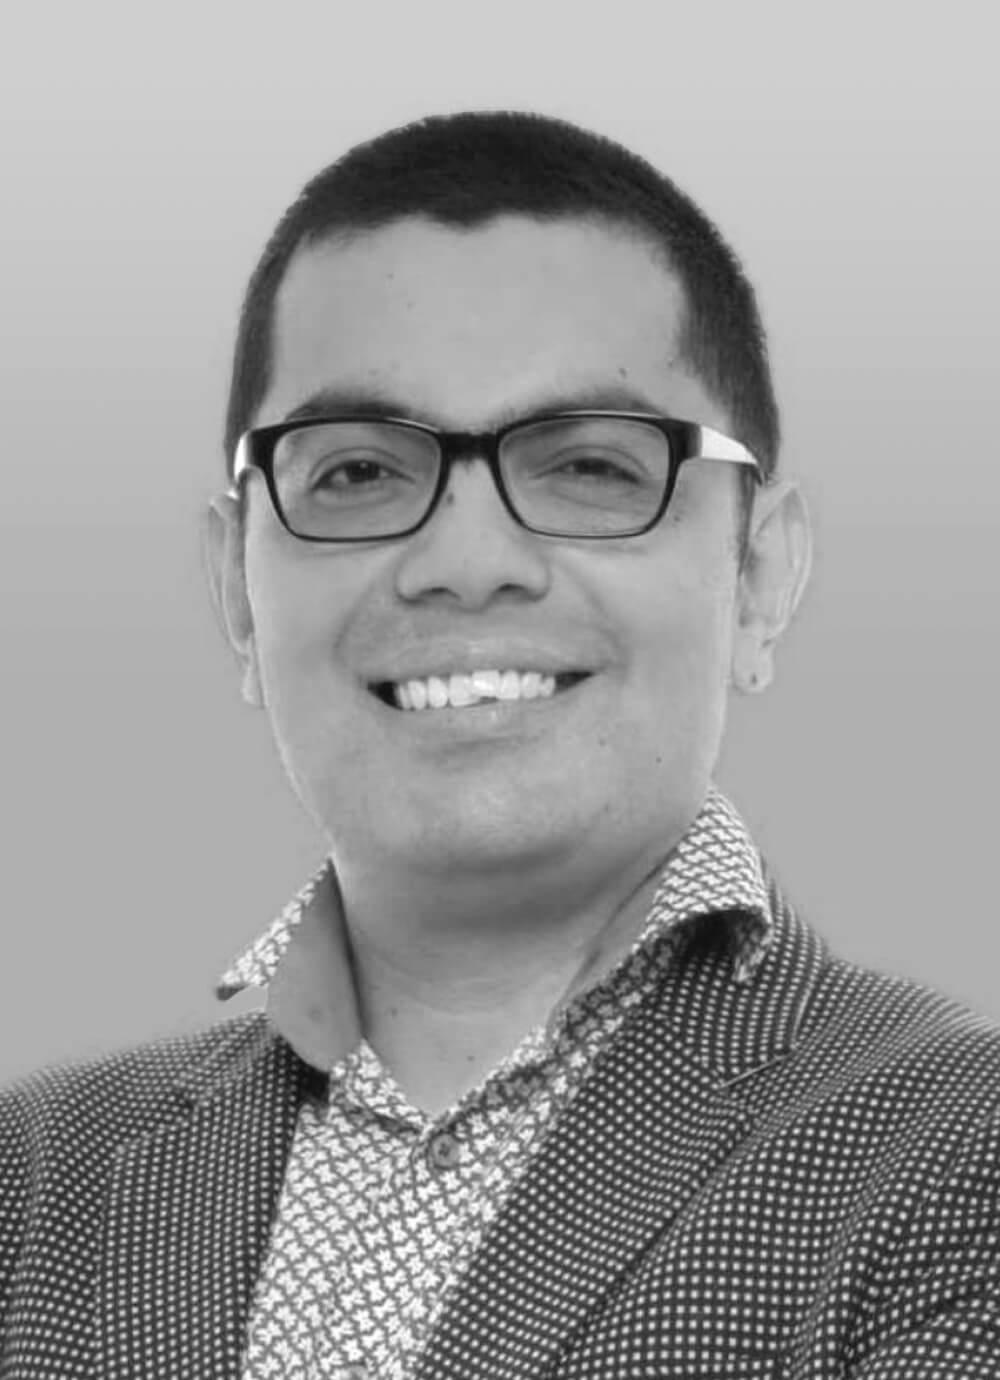 Khairul Anwar Kamarudin